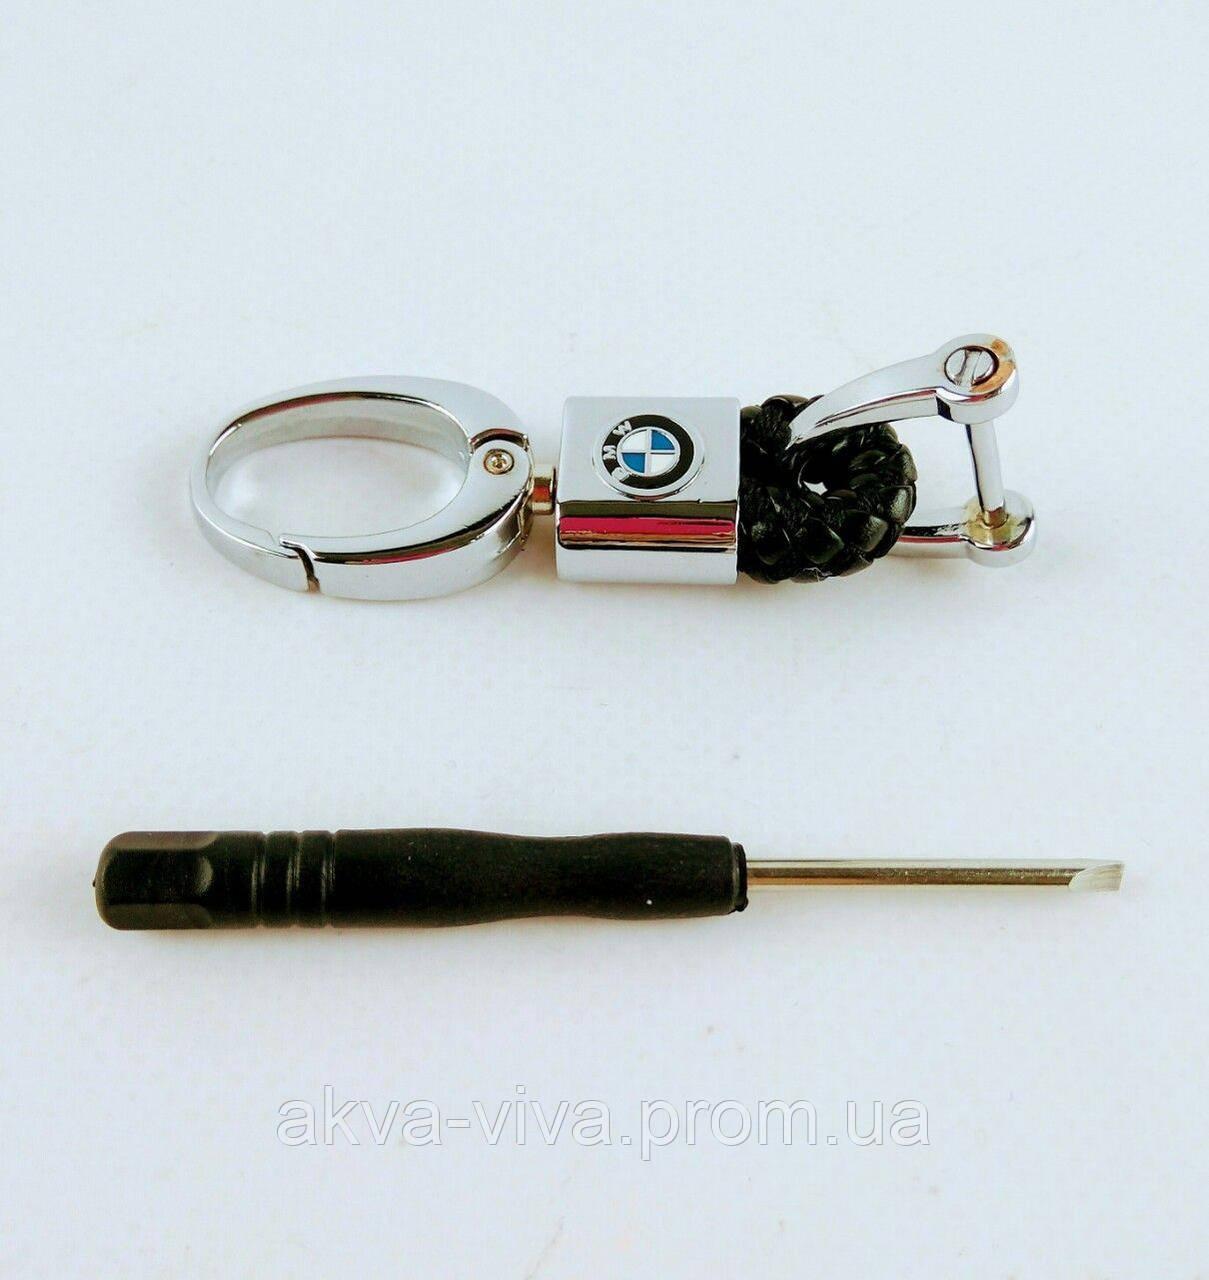 Стильный автомобильный брелок с отверткой. Логотип